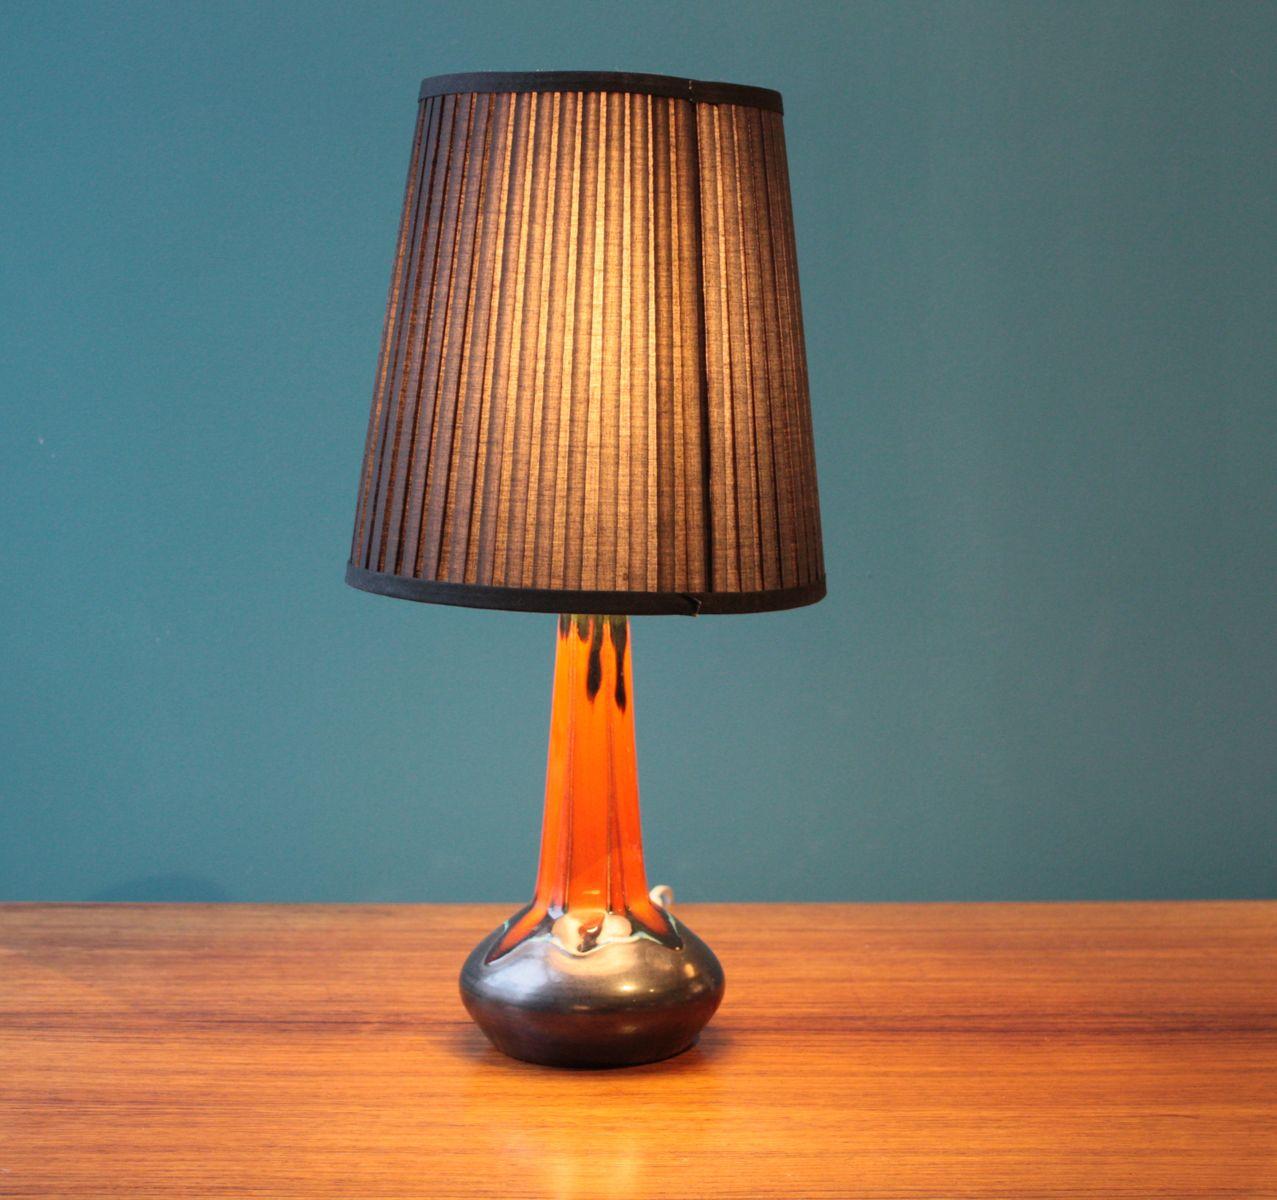 Lampe de bureau vintage orange en c ramique danemark en vente sur pamono - Lampe de bureau style anglais ...